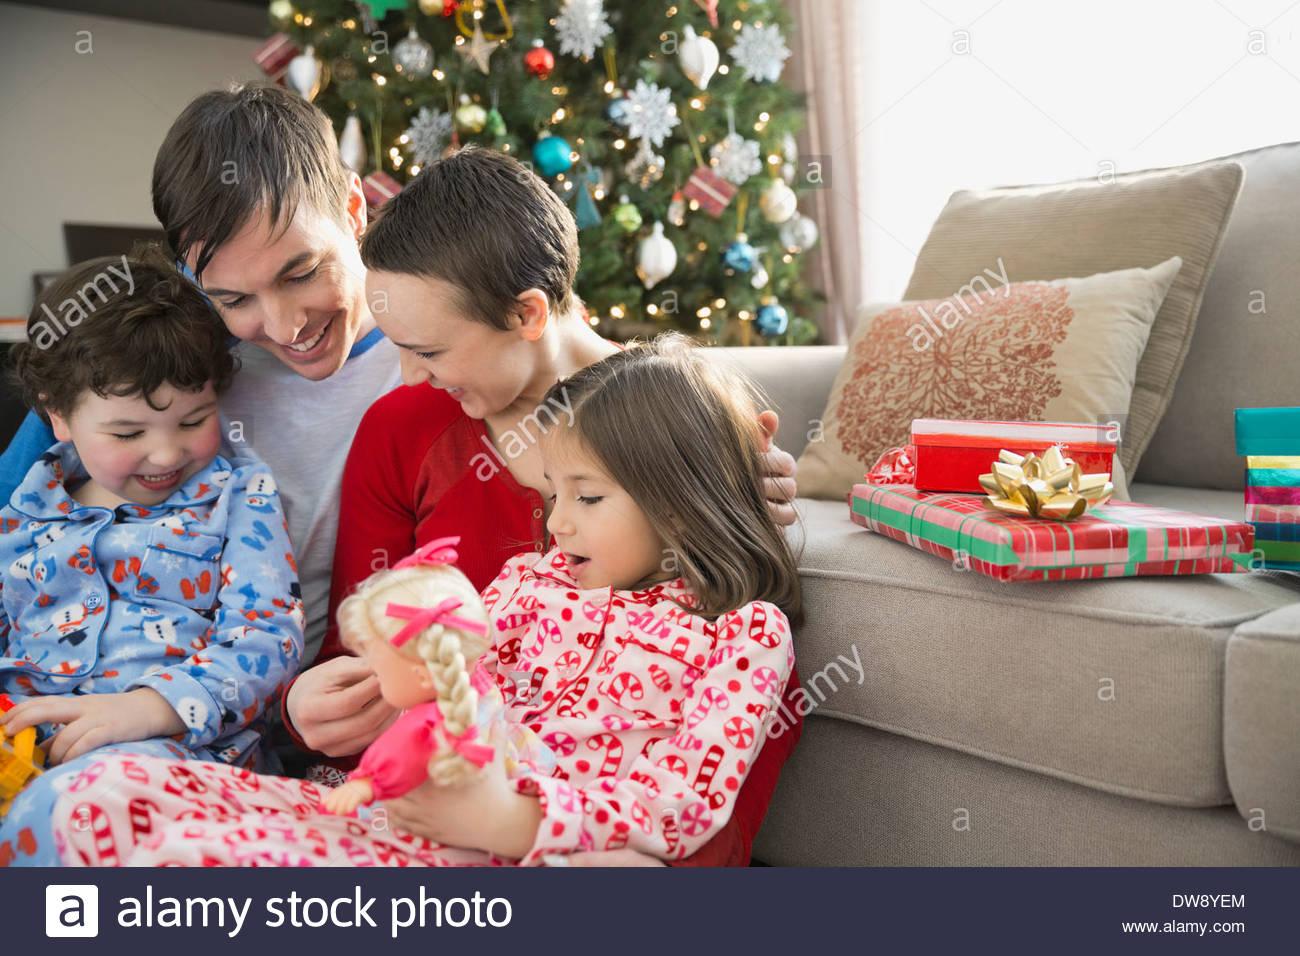 Les dépenses de la famille temps de loisir à la maison durant les fêtes de Noël Photo Stock